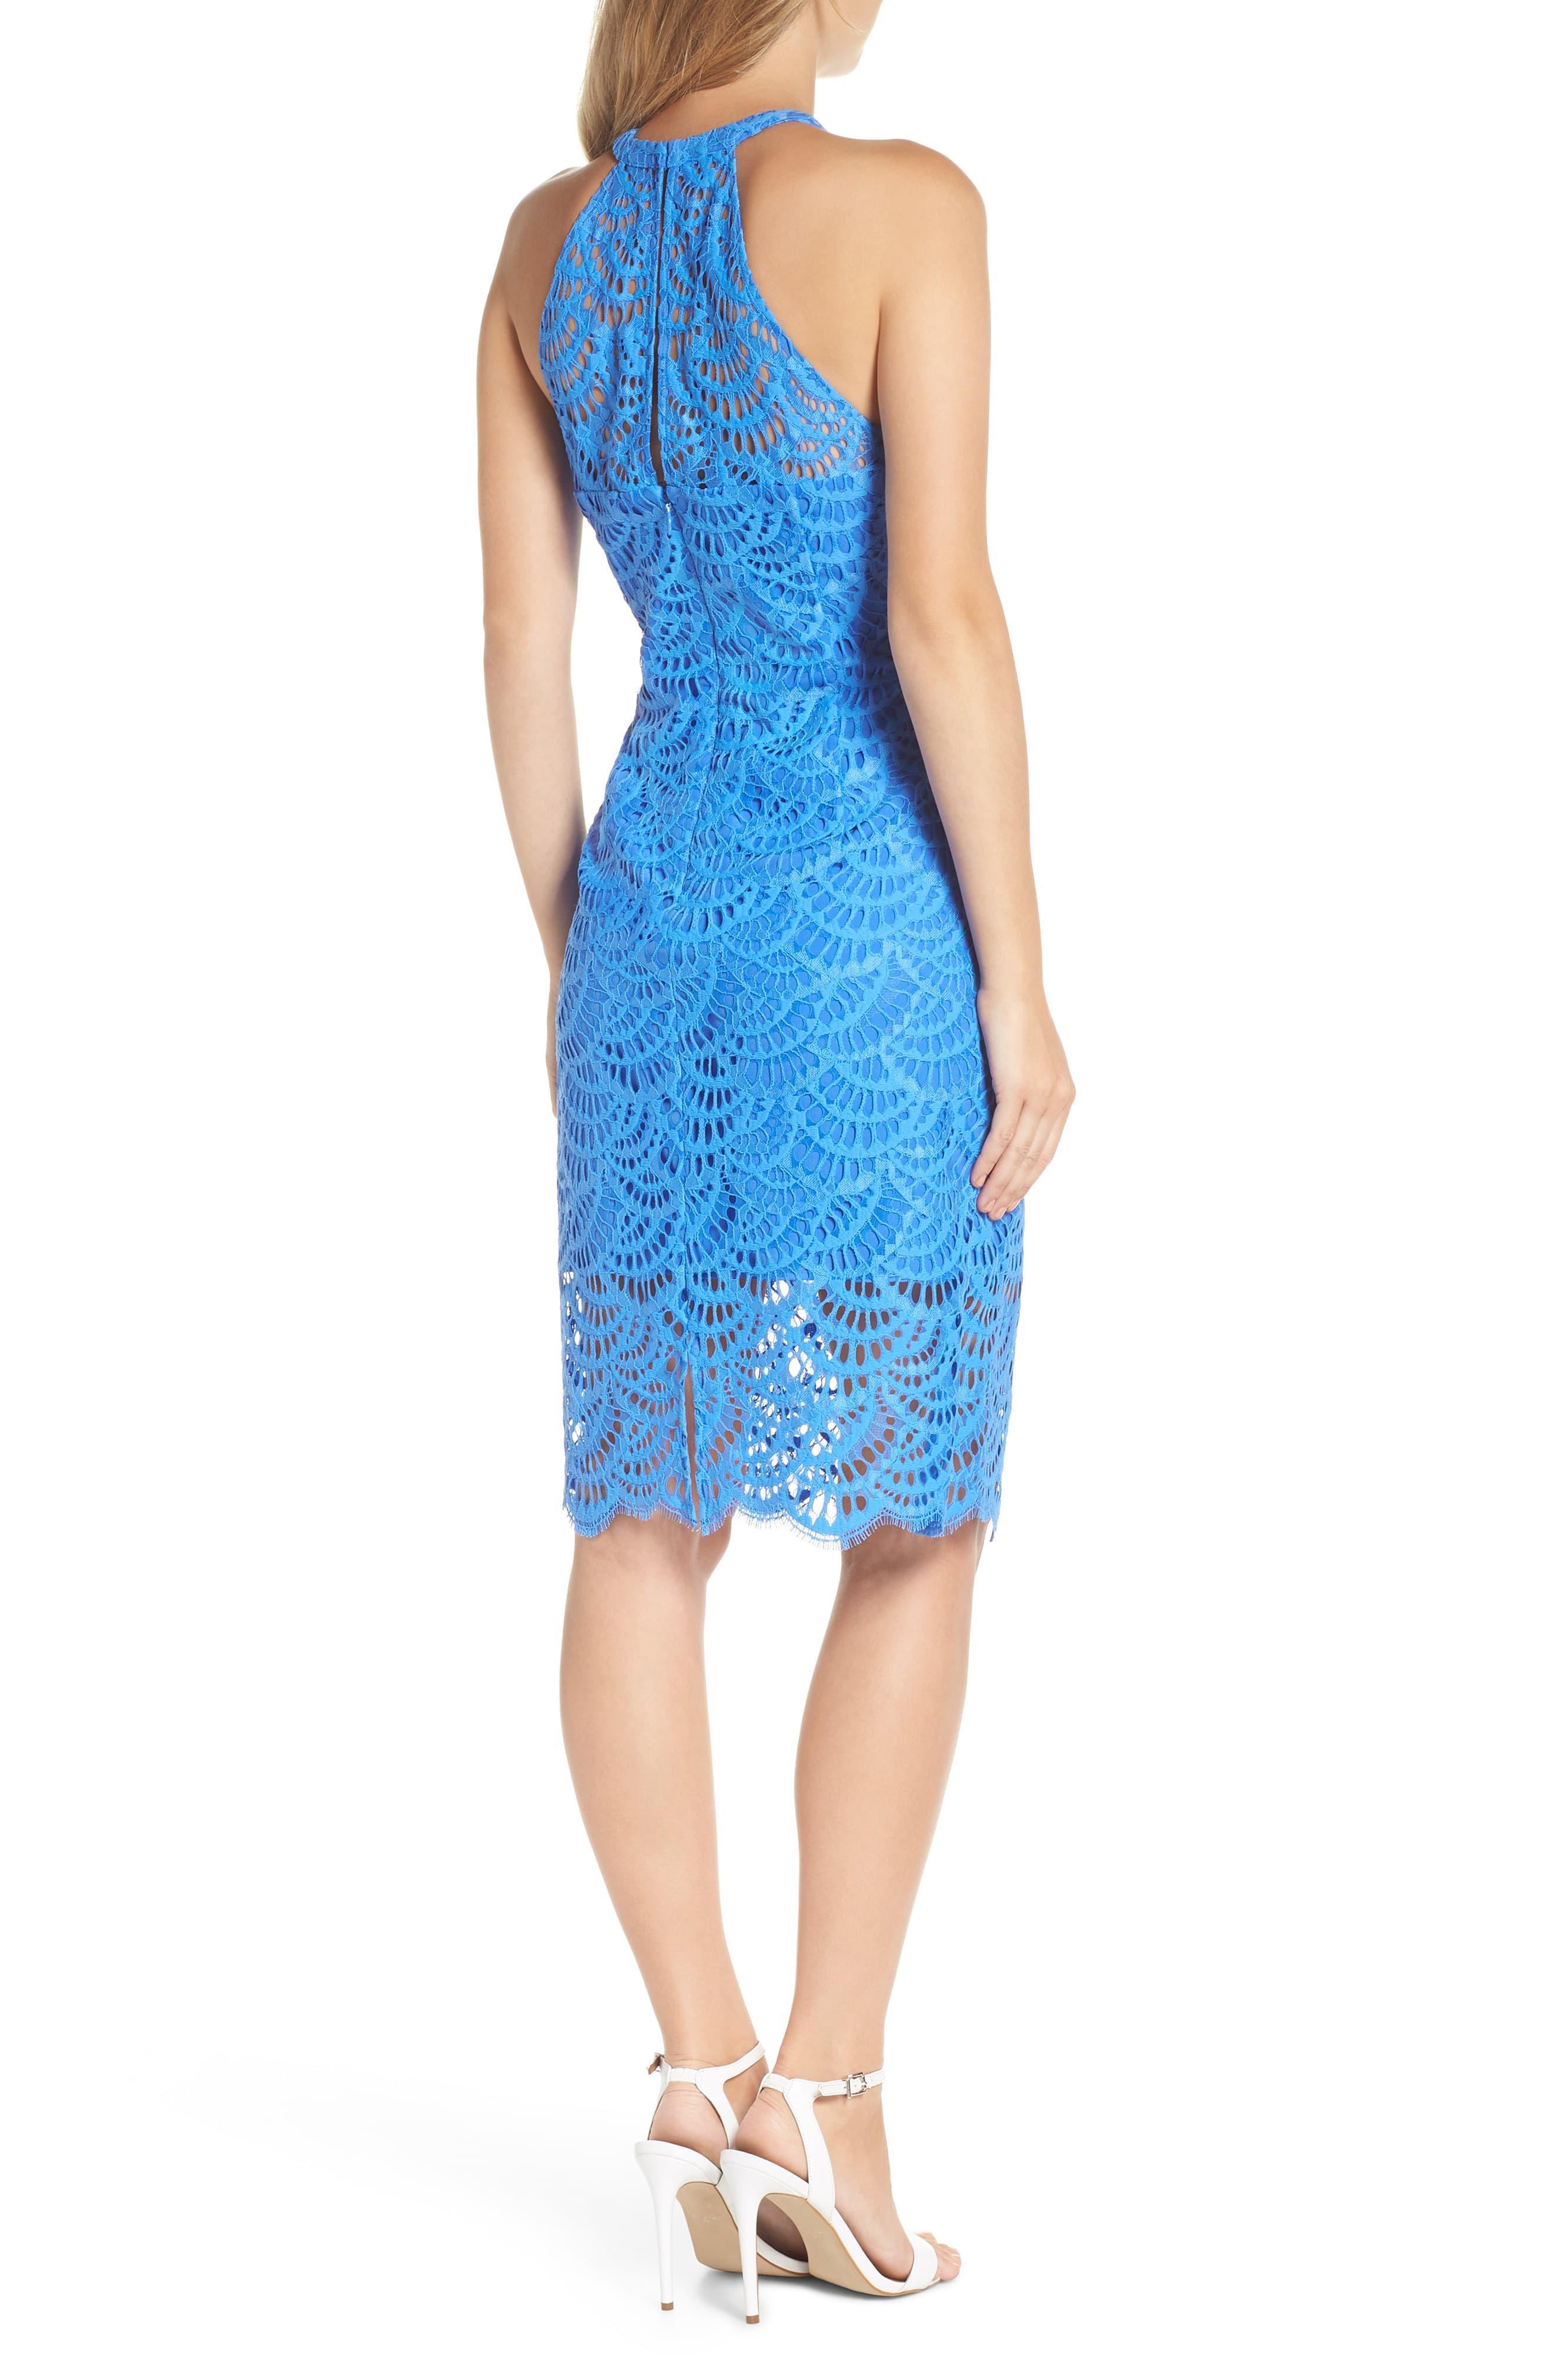 Lilly Pulitzer Kenna Lace Sheath Dress